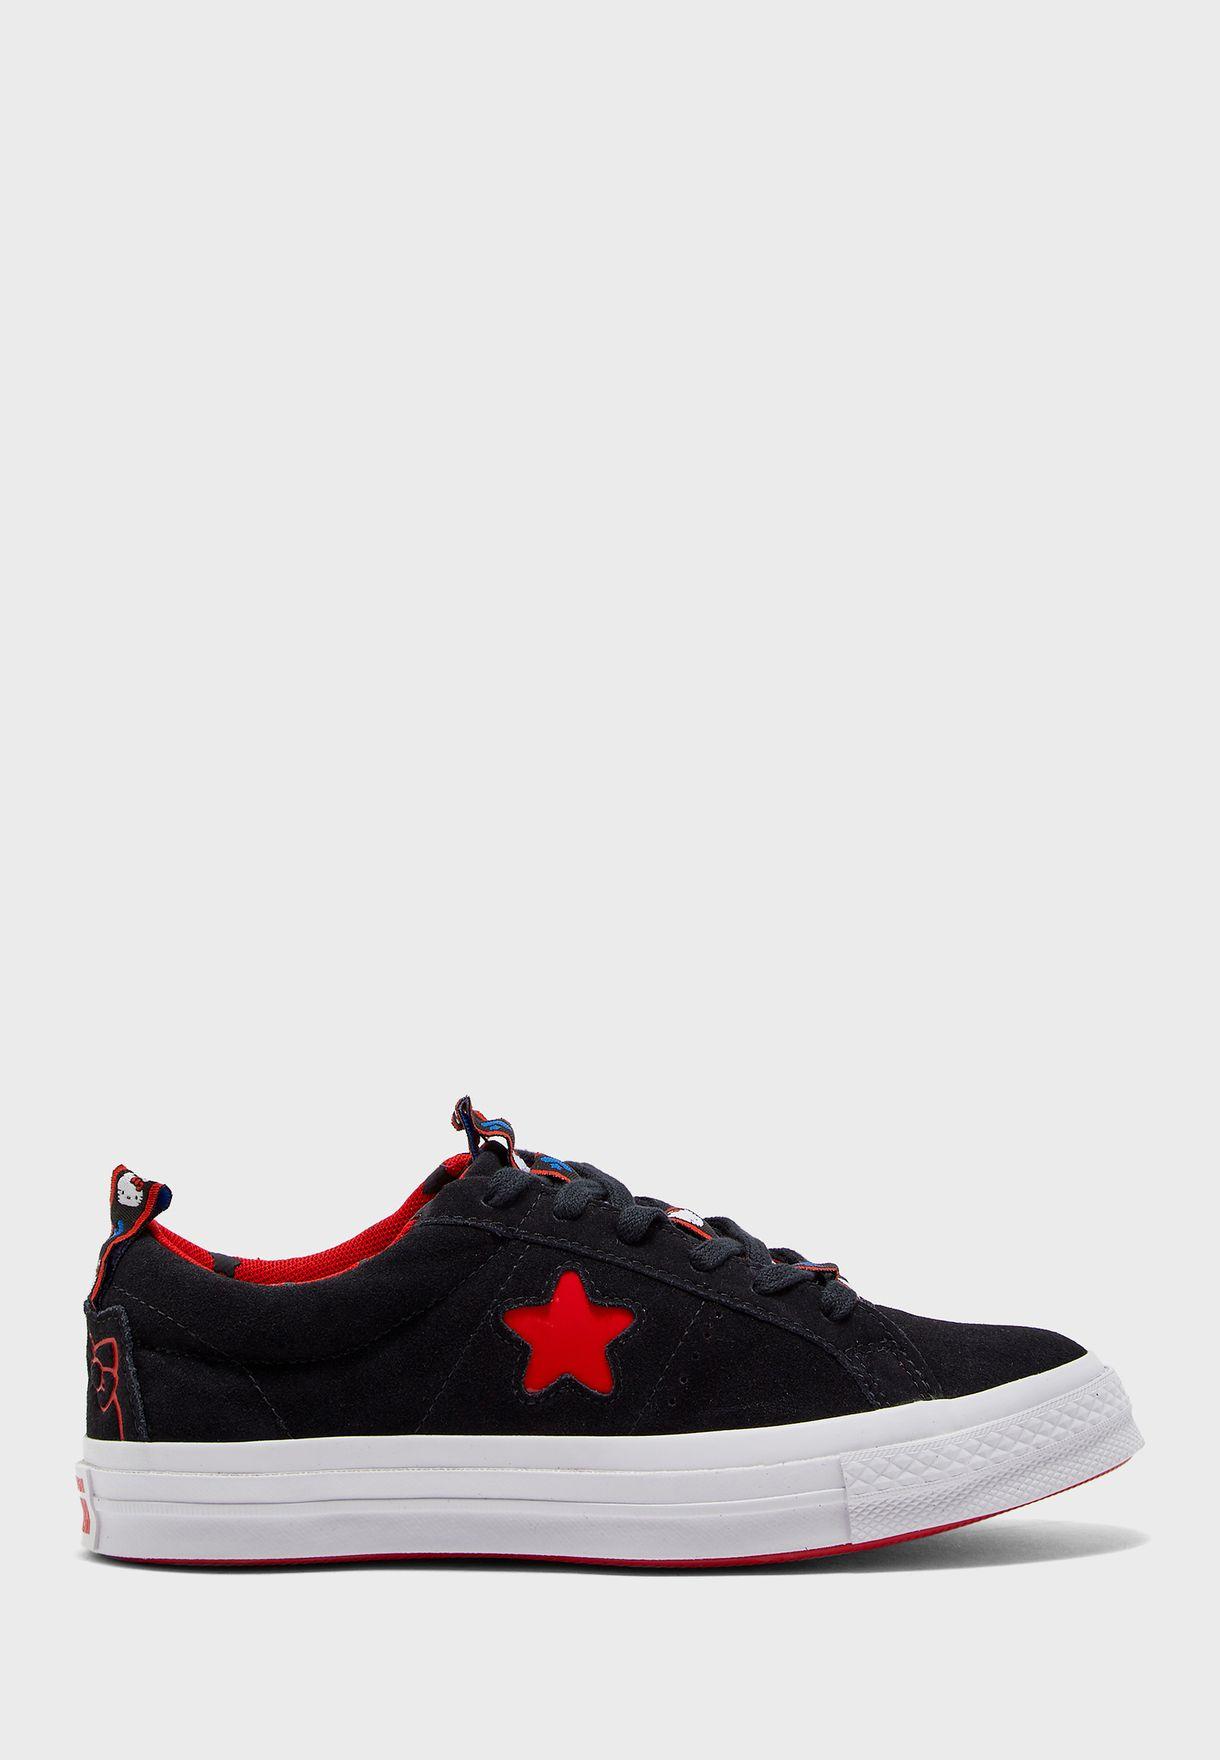 حذاء هالو كيتي ون ستار او اكس